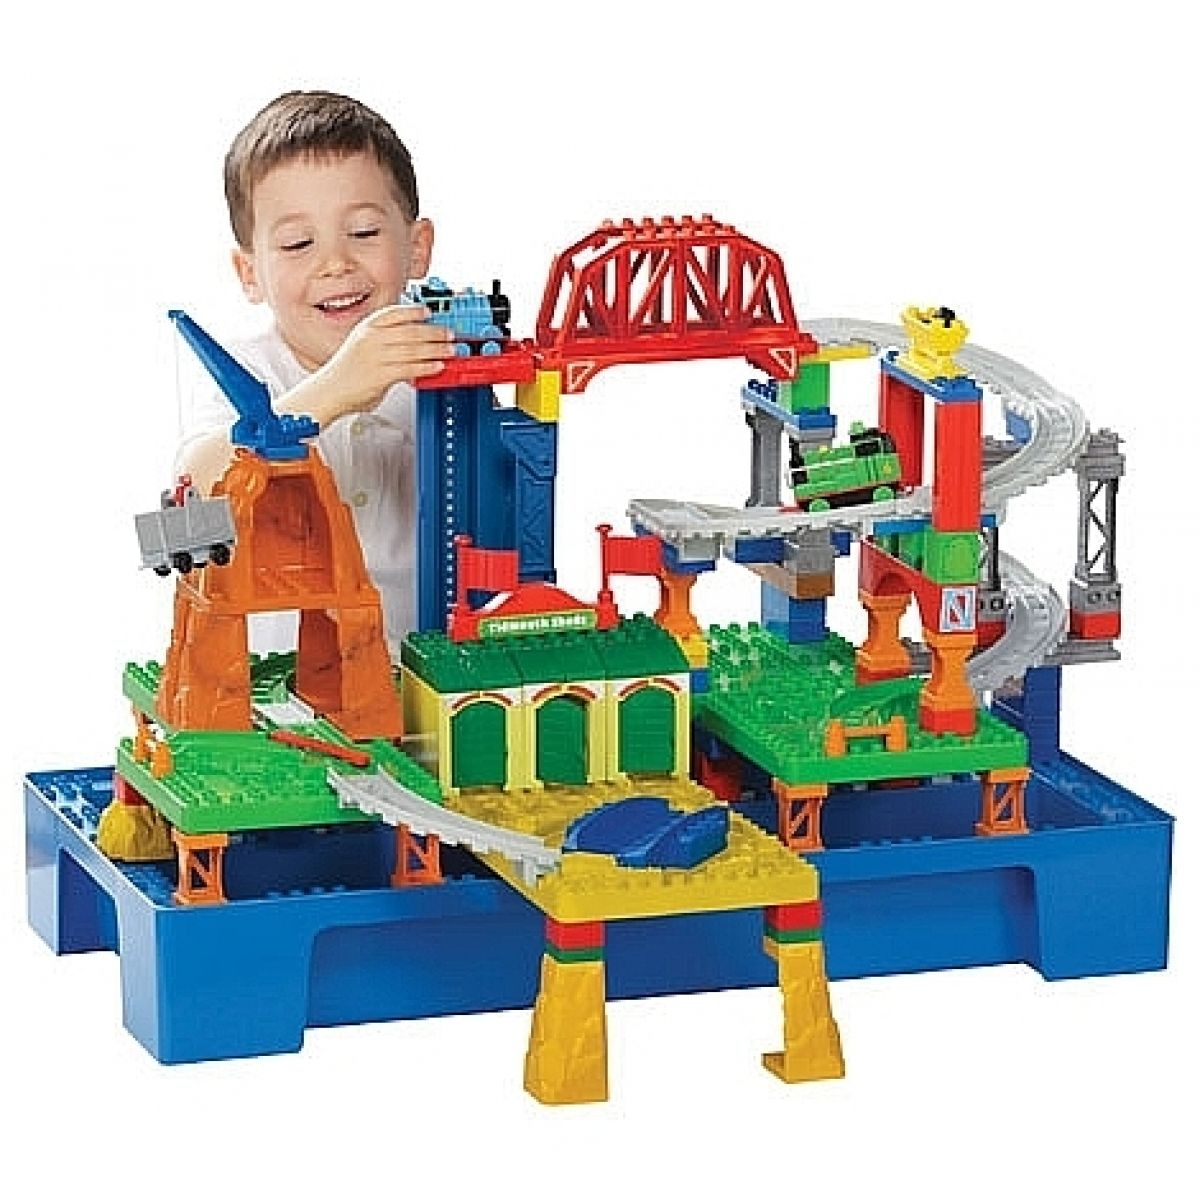 Megabloks Mini - Mašinka Tomáš a přátelé - velký hrací stůl